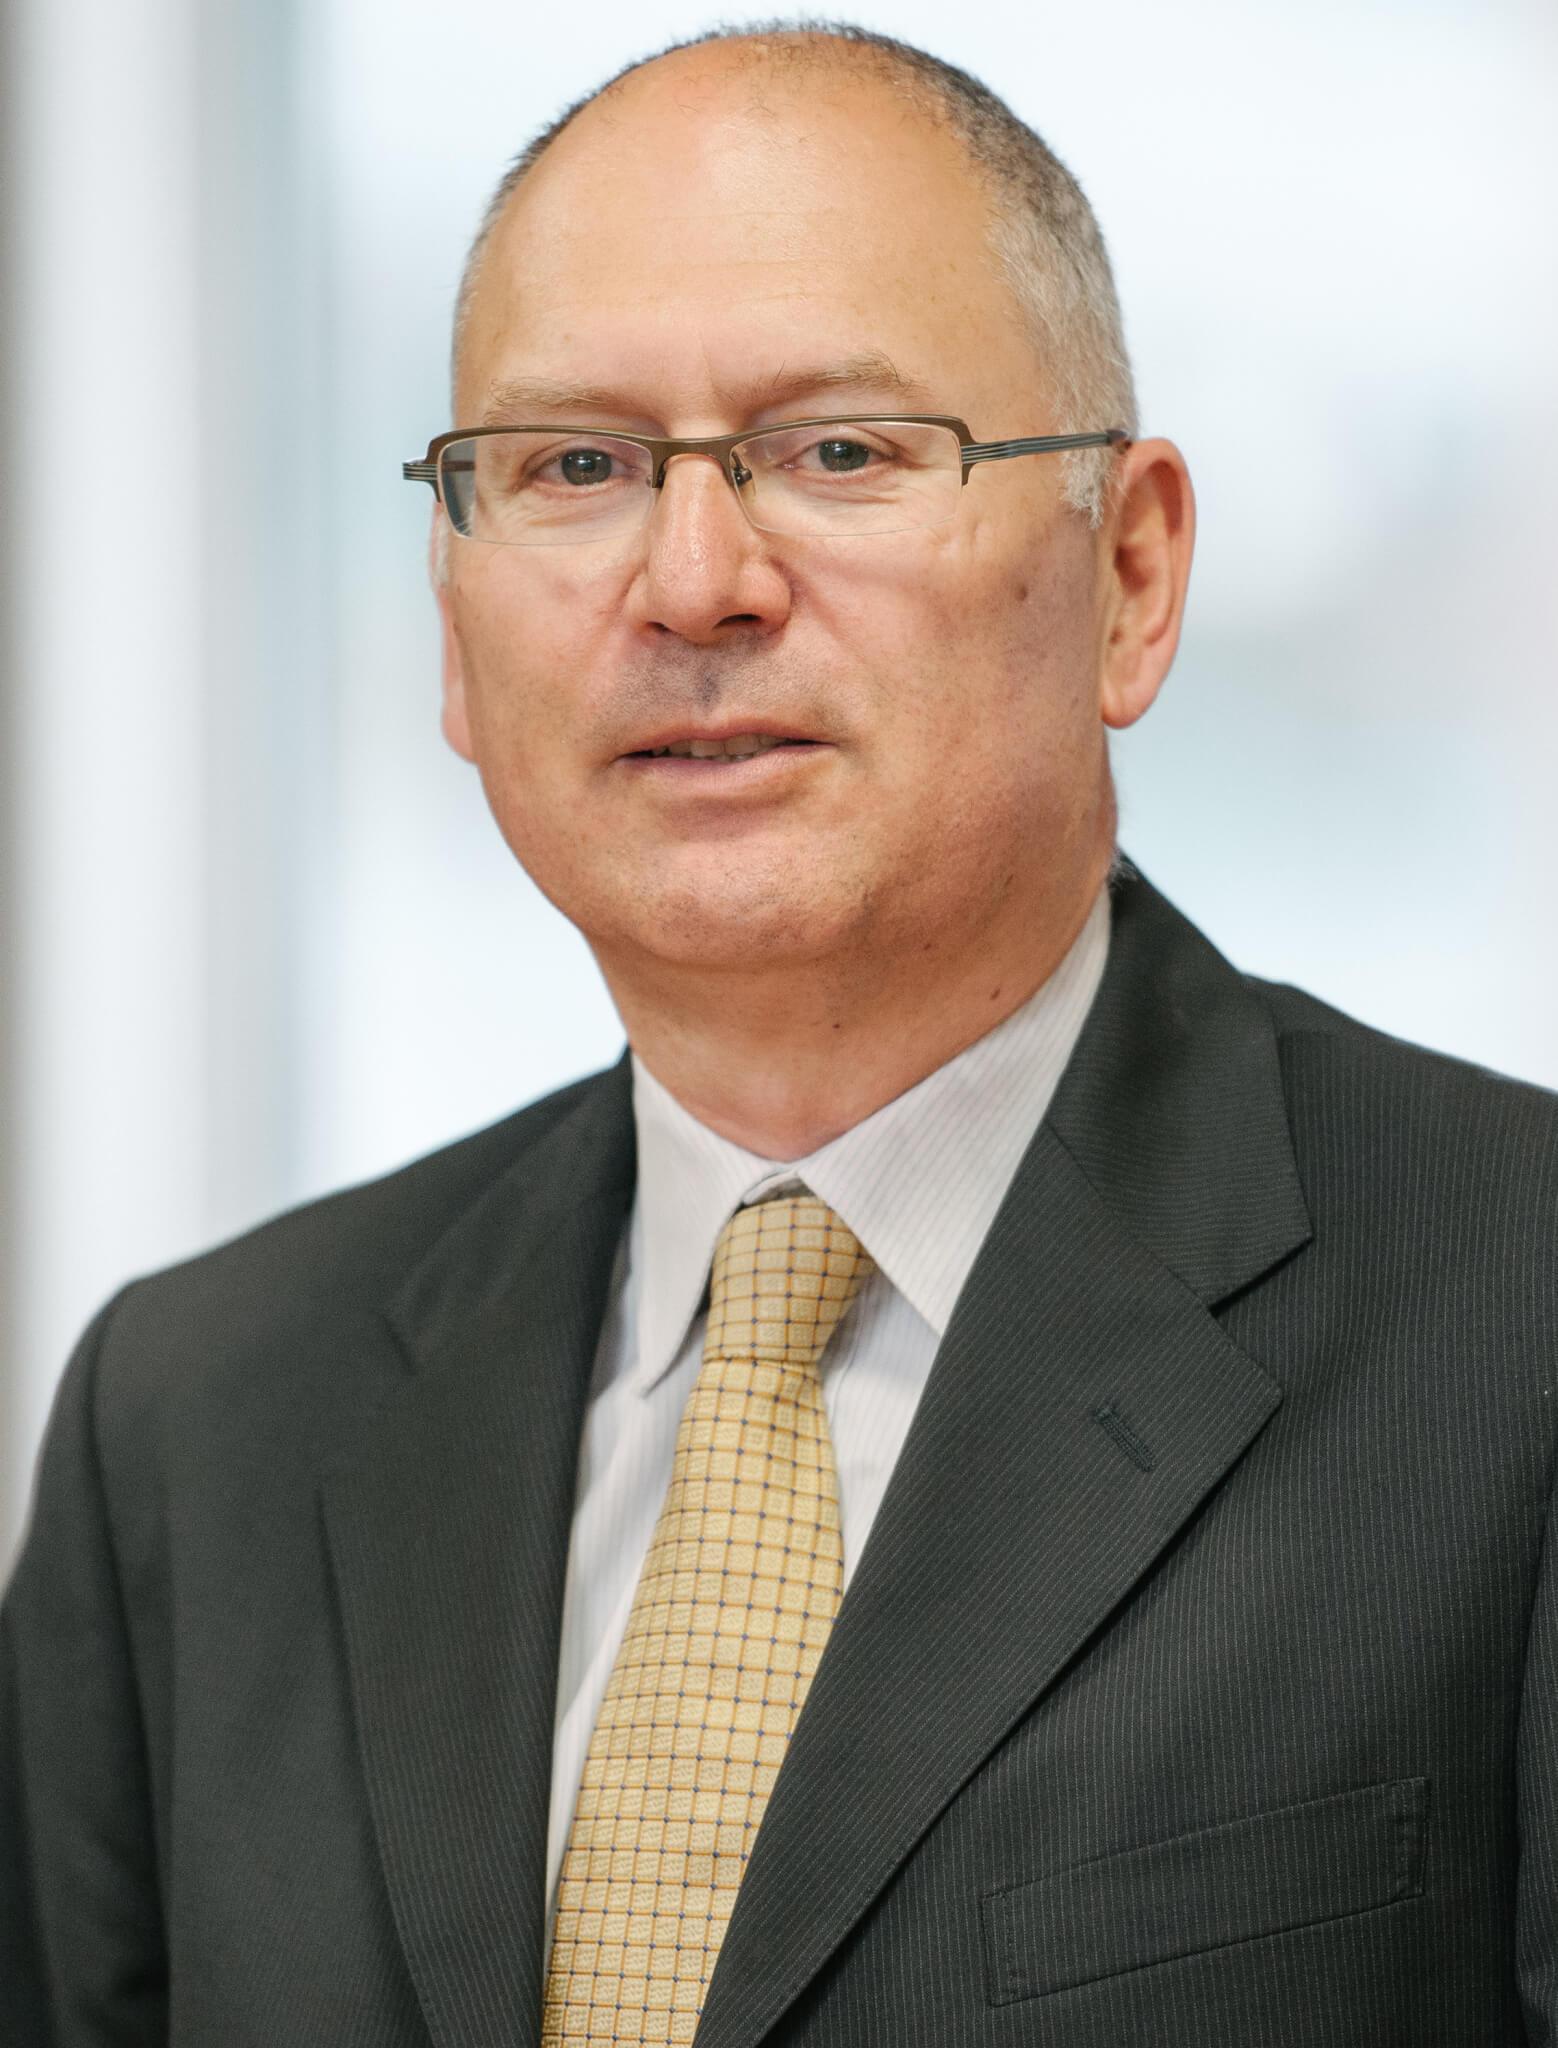 Gary Ritter